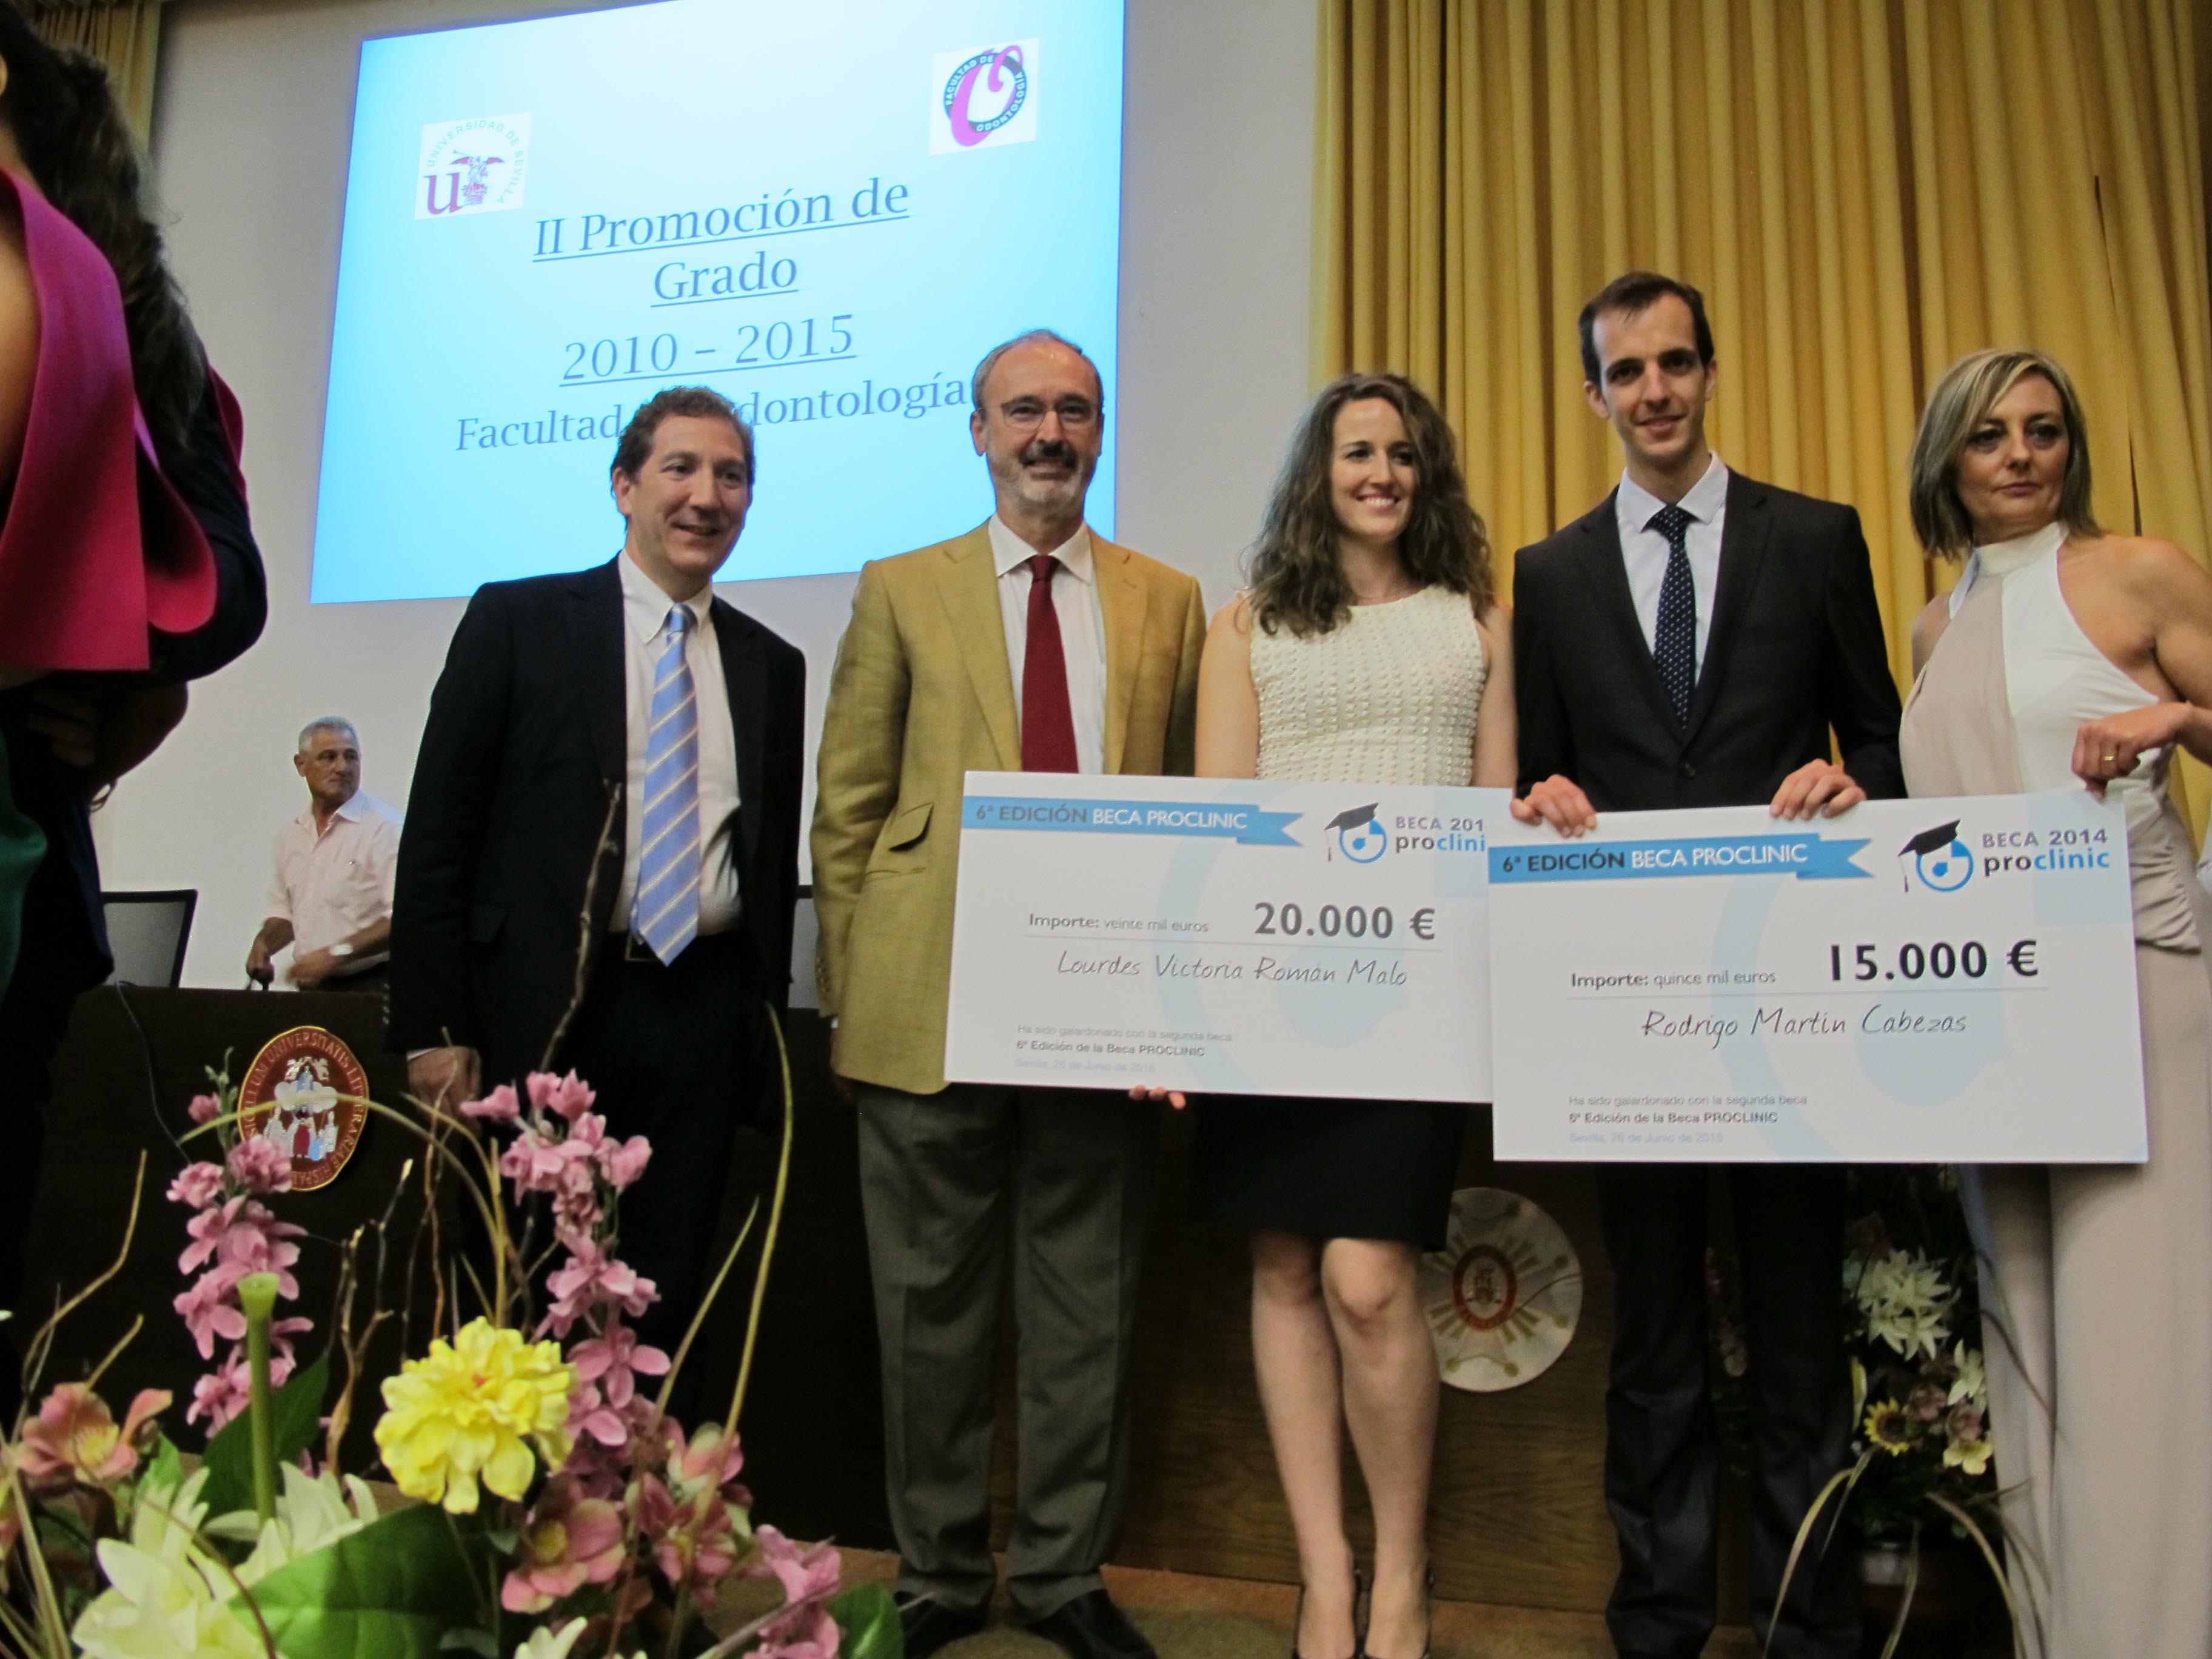 Ganadores 6ª Edición Beca Proclinic